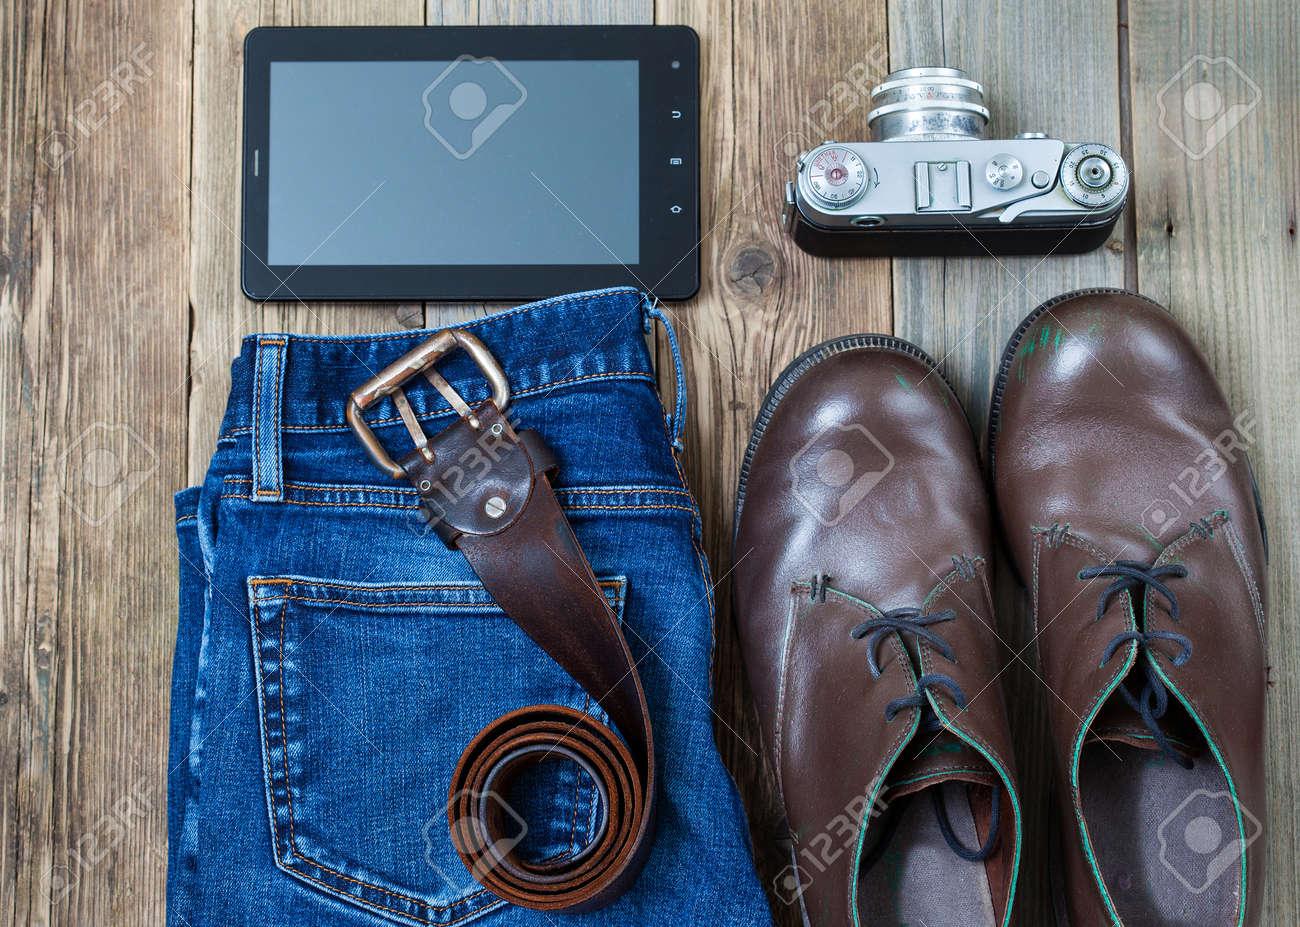 bleu un numériseurappareil jean sur télémétriquebottes morte avec cuir Nature texturées ansl'image et marronceinture en cartes les instagram zSUVMp